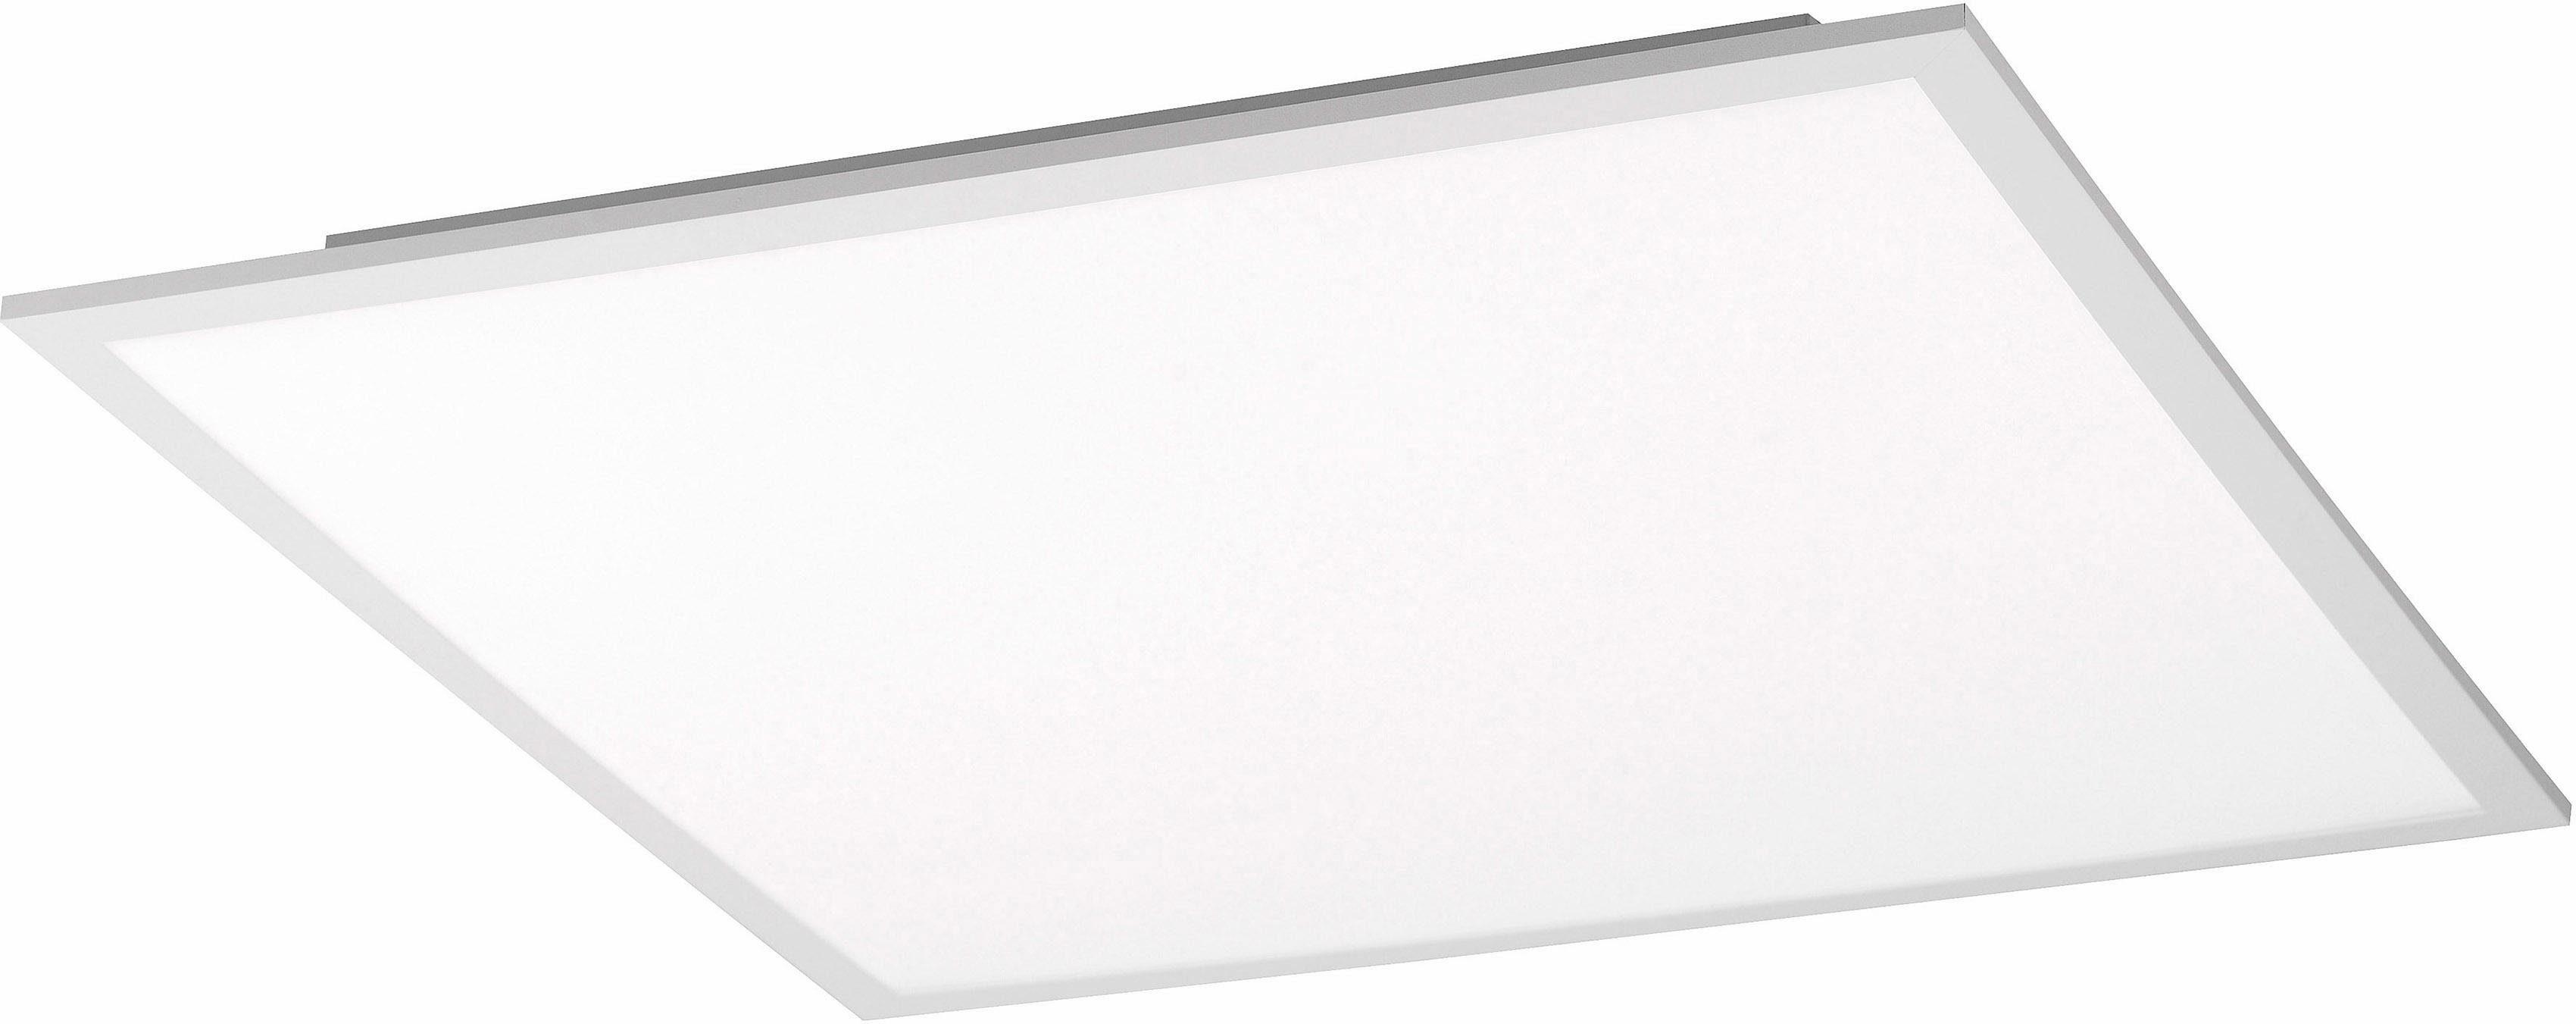 Leuchten Direkt LED Deckenleuchte, RGBW, 62 x 62 cm, »FLAT«